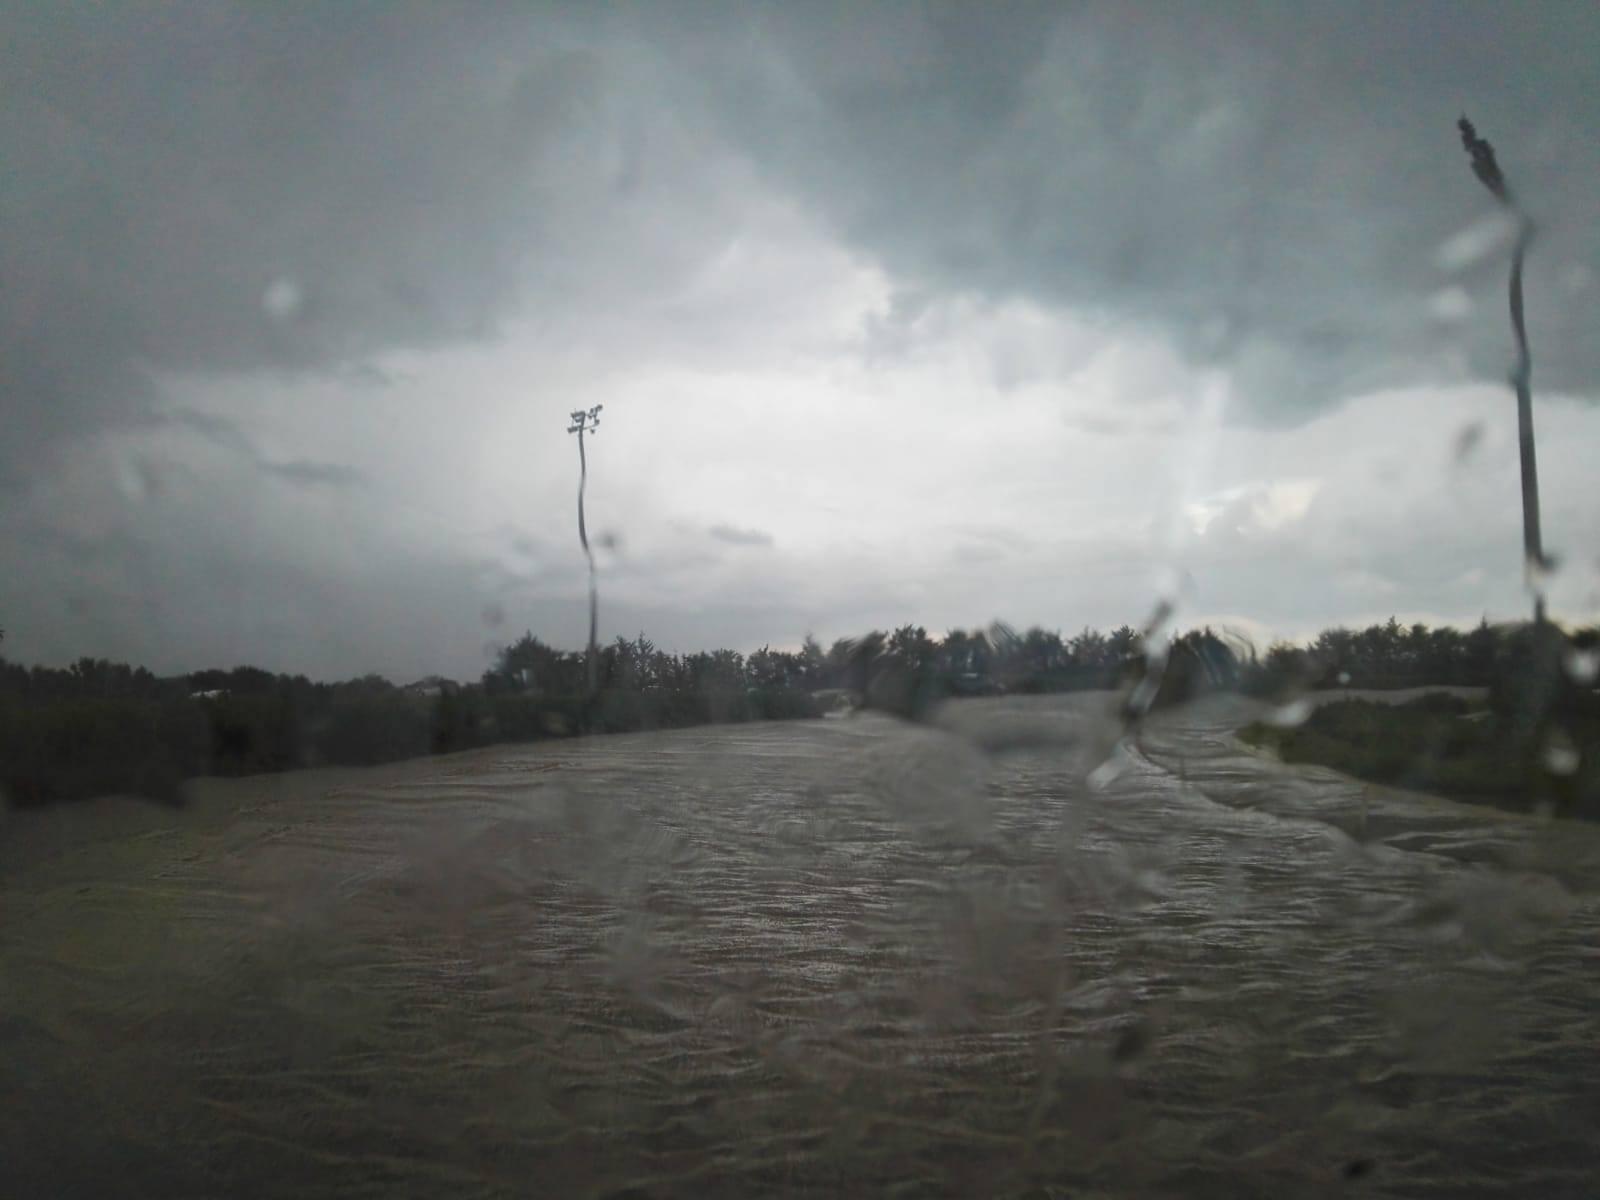 Galoppo a Siracusa, solo la prima corsa: poi arriva una bomba d'acqua